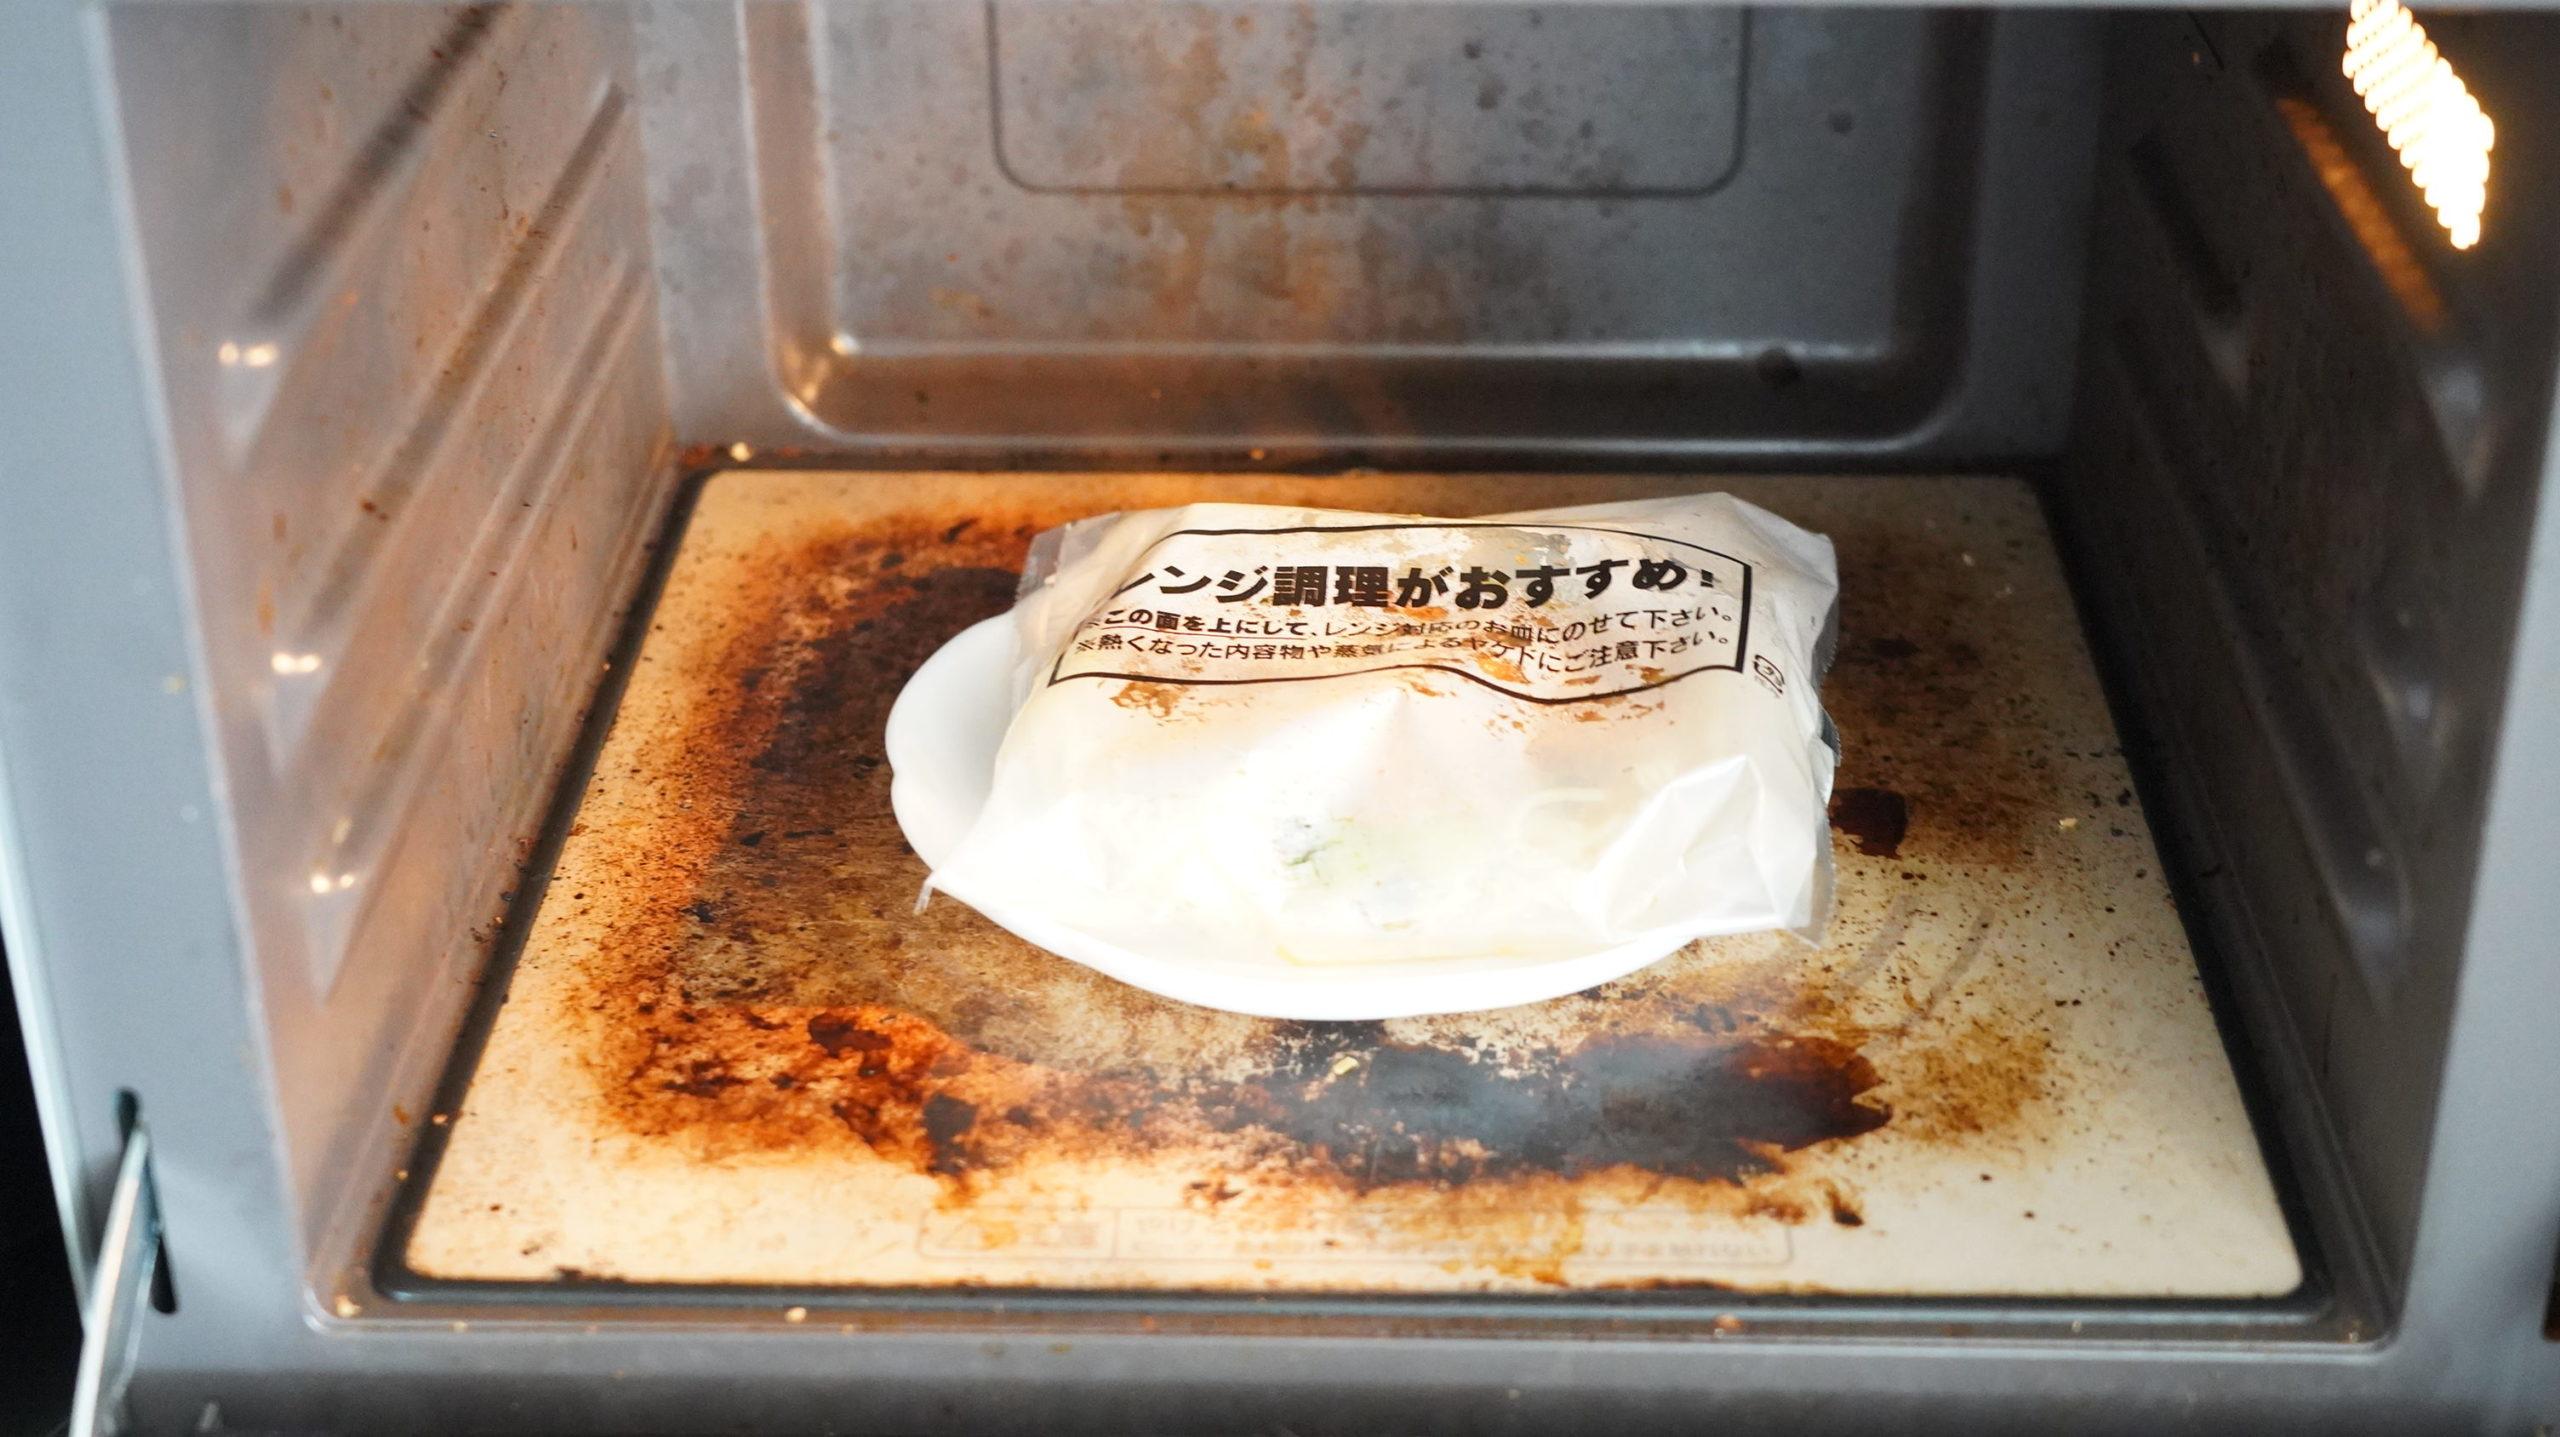 セブンイレブンの冷凍食品「胡麻が濃厚な坦々麺」の麺を電子レンジで加熱している写真